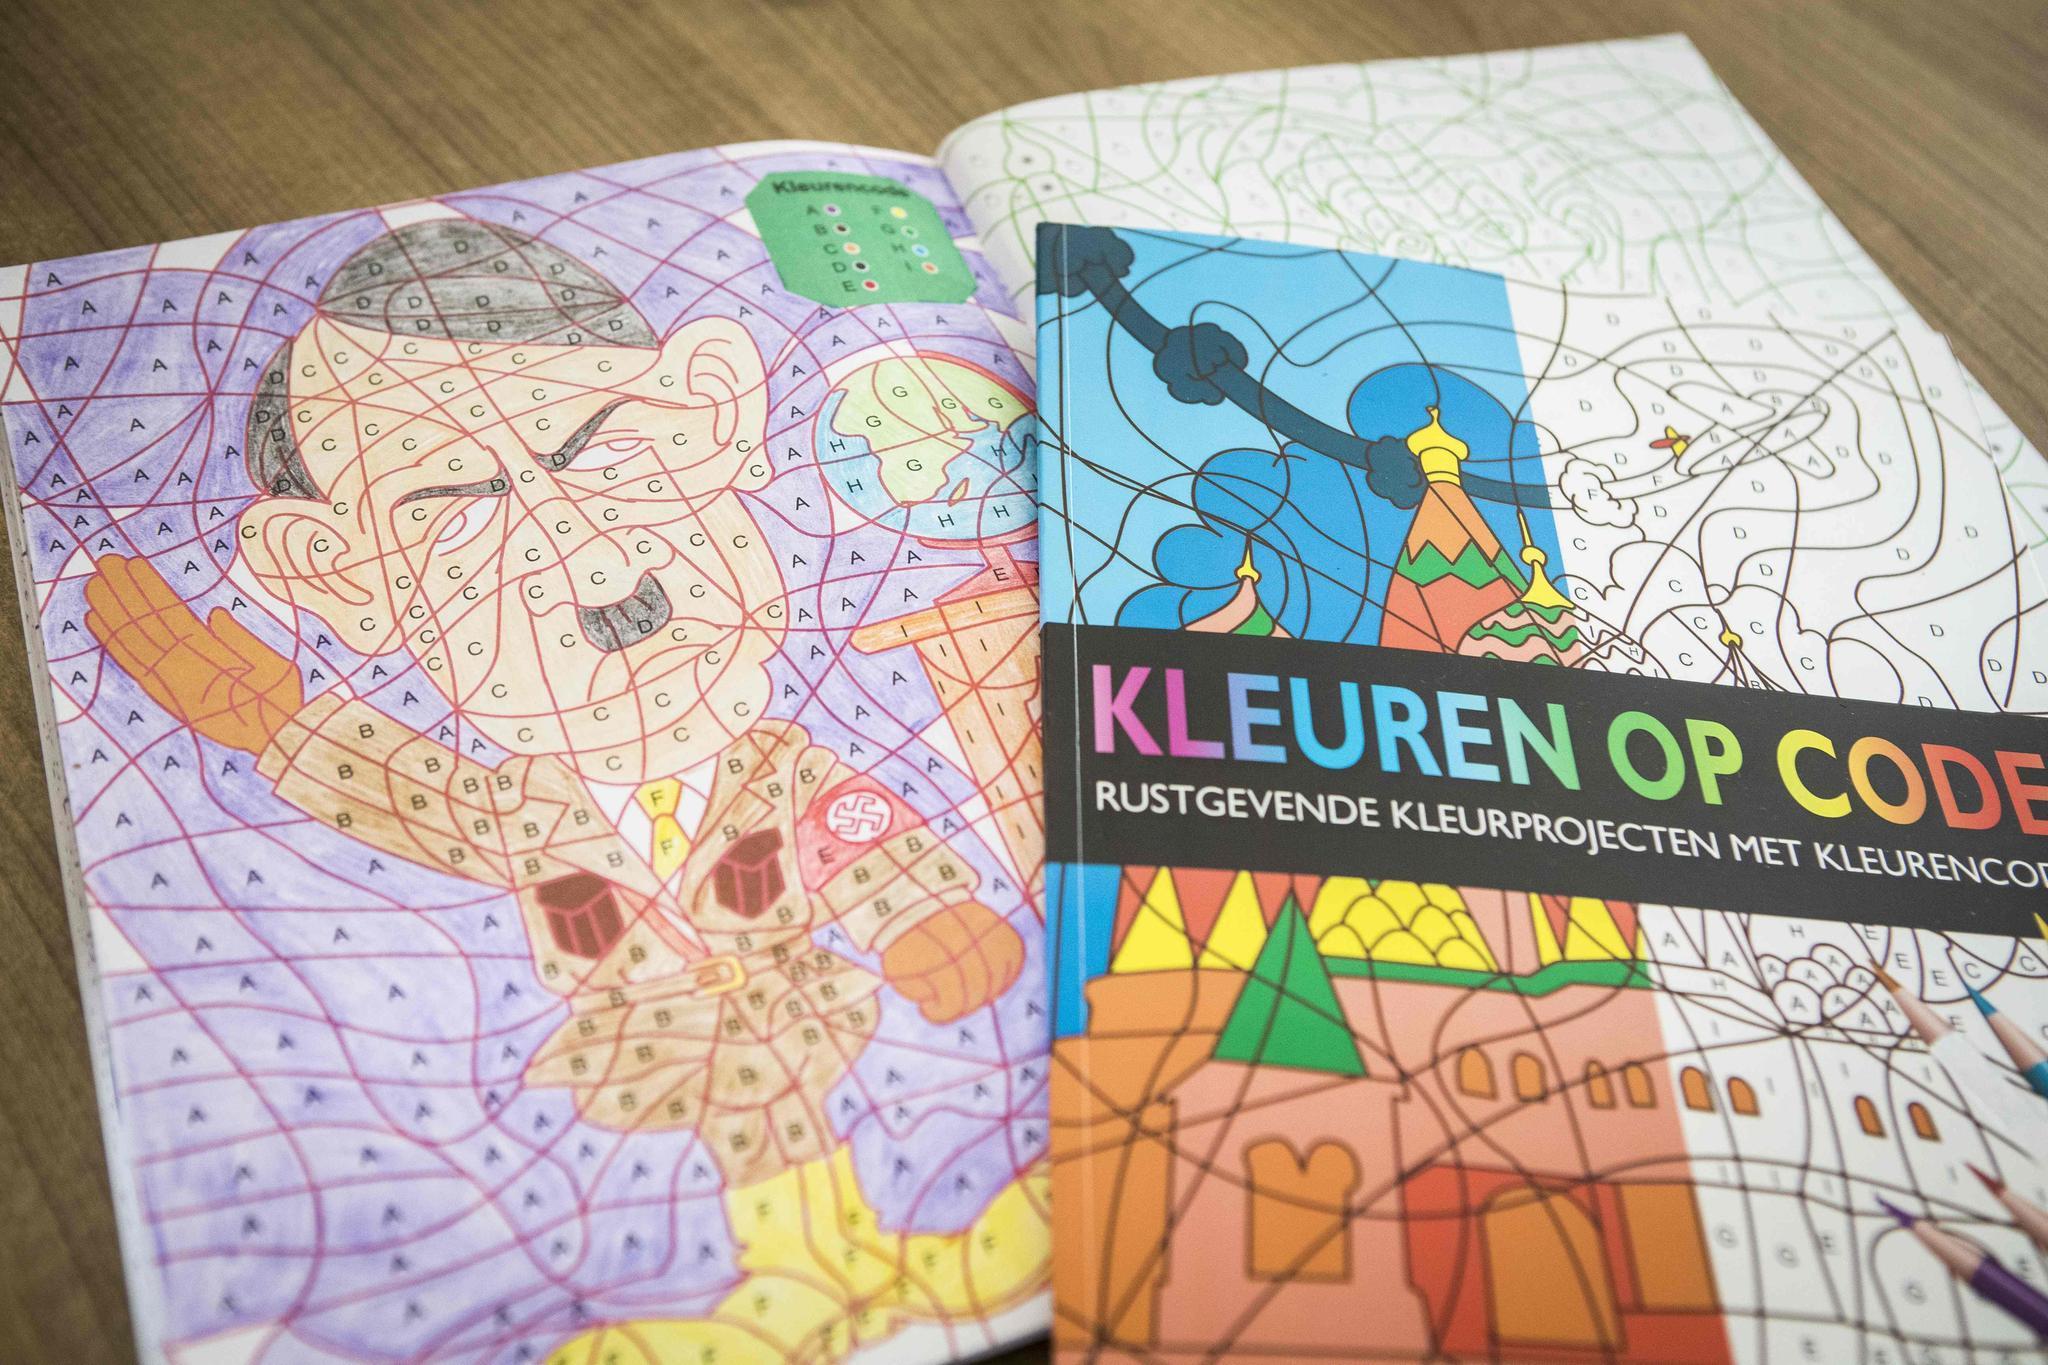 Adolf Hitler im Malbuch für Kinder | STERN.de